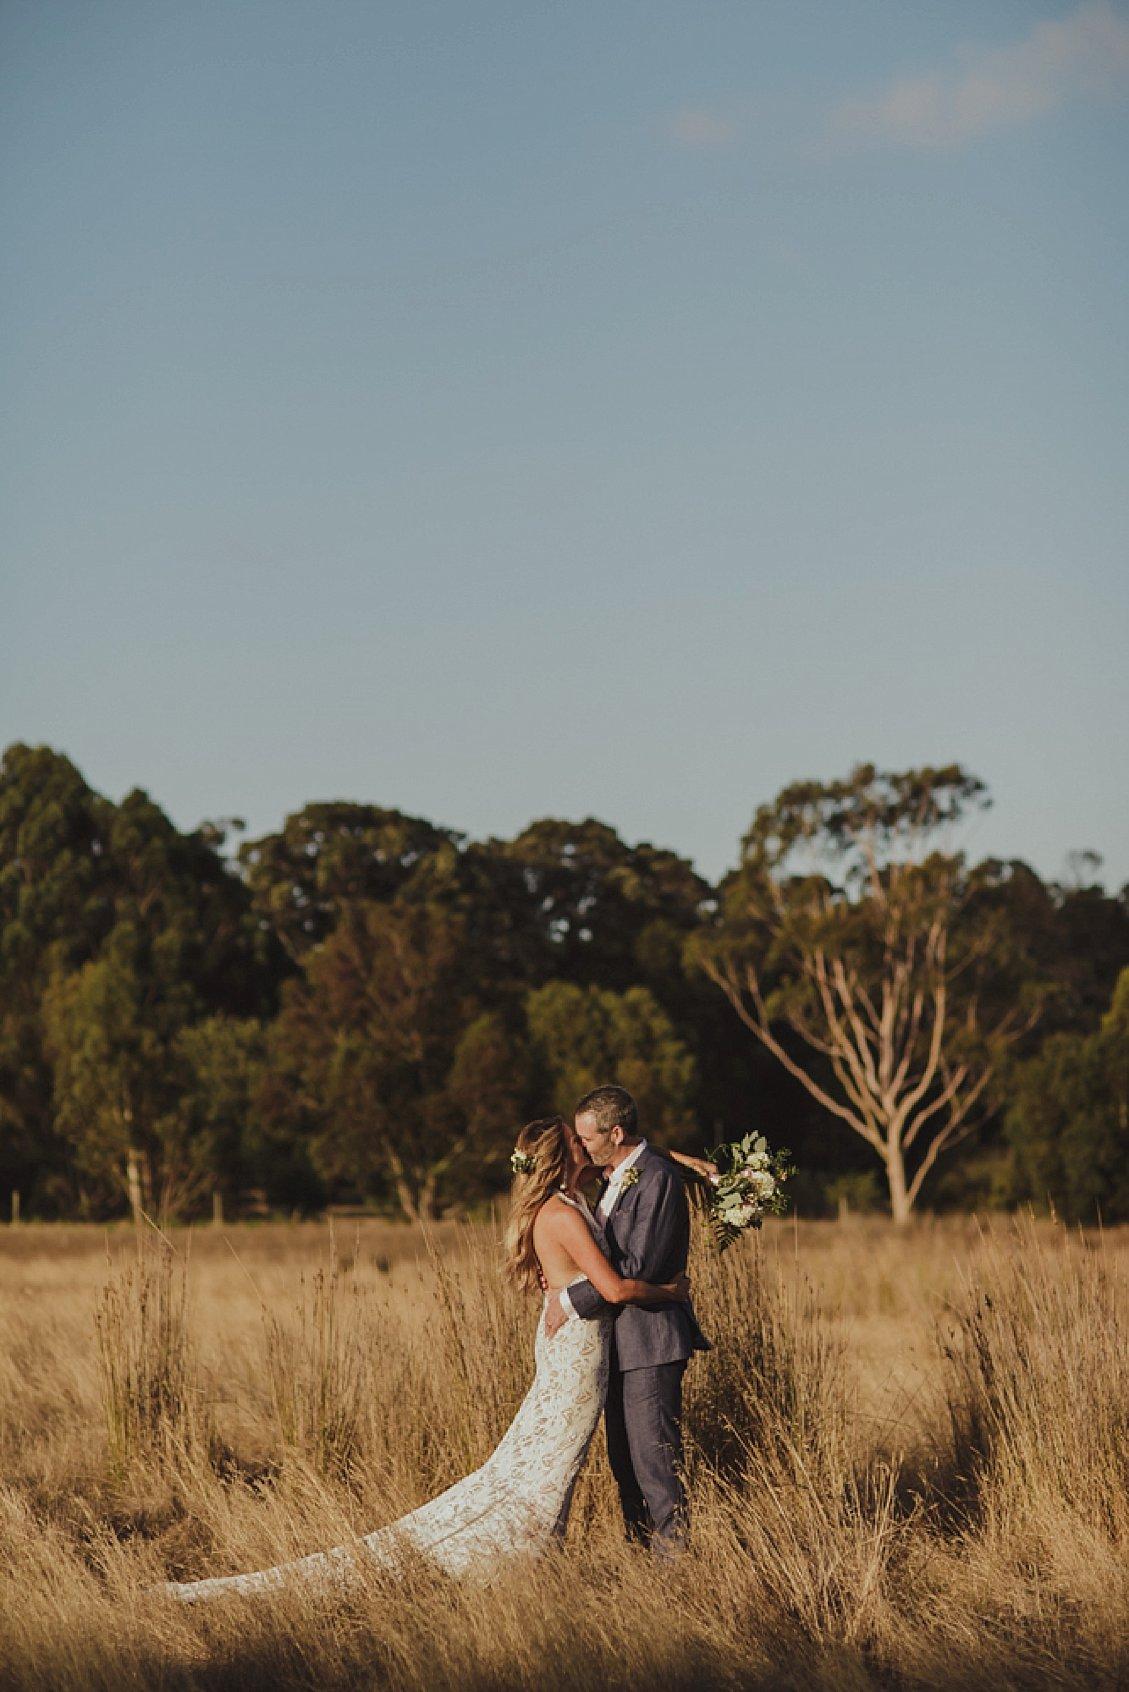 margaret-river-wedding-photographer-78.jpg